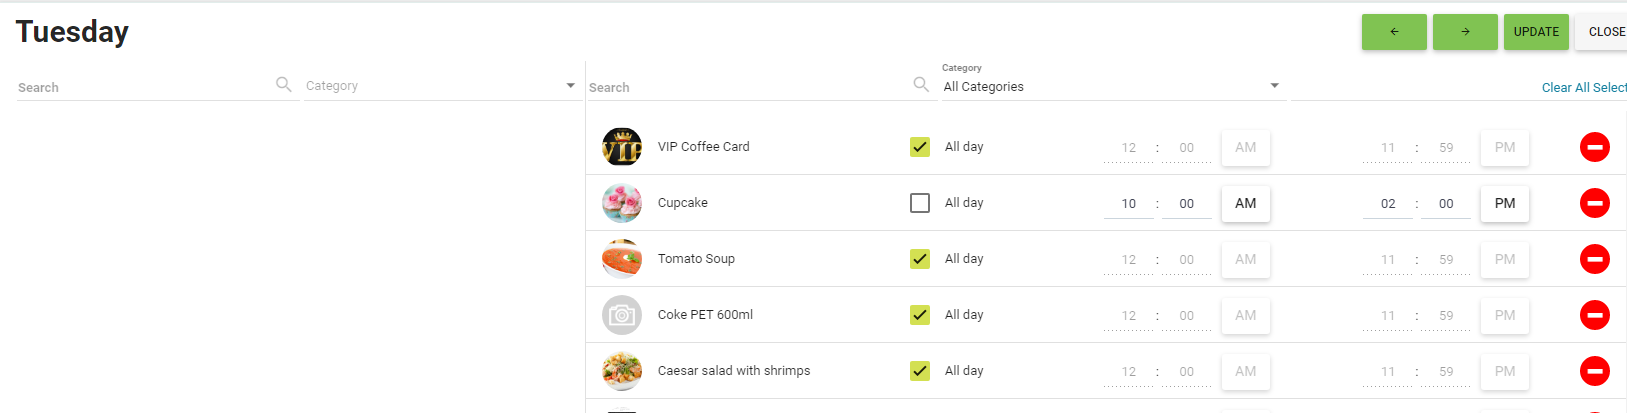 BOM - Items List - Daily Menu - Set a Time Period